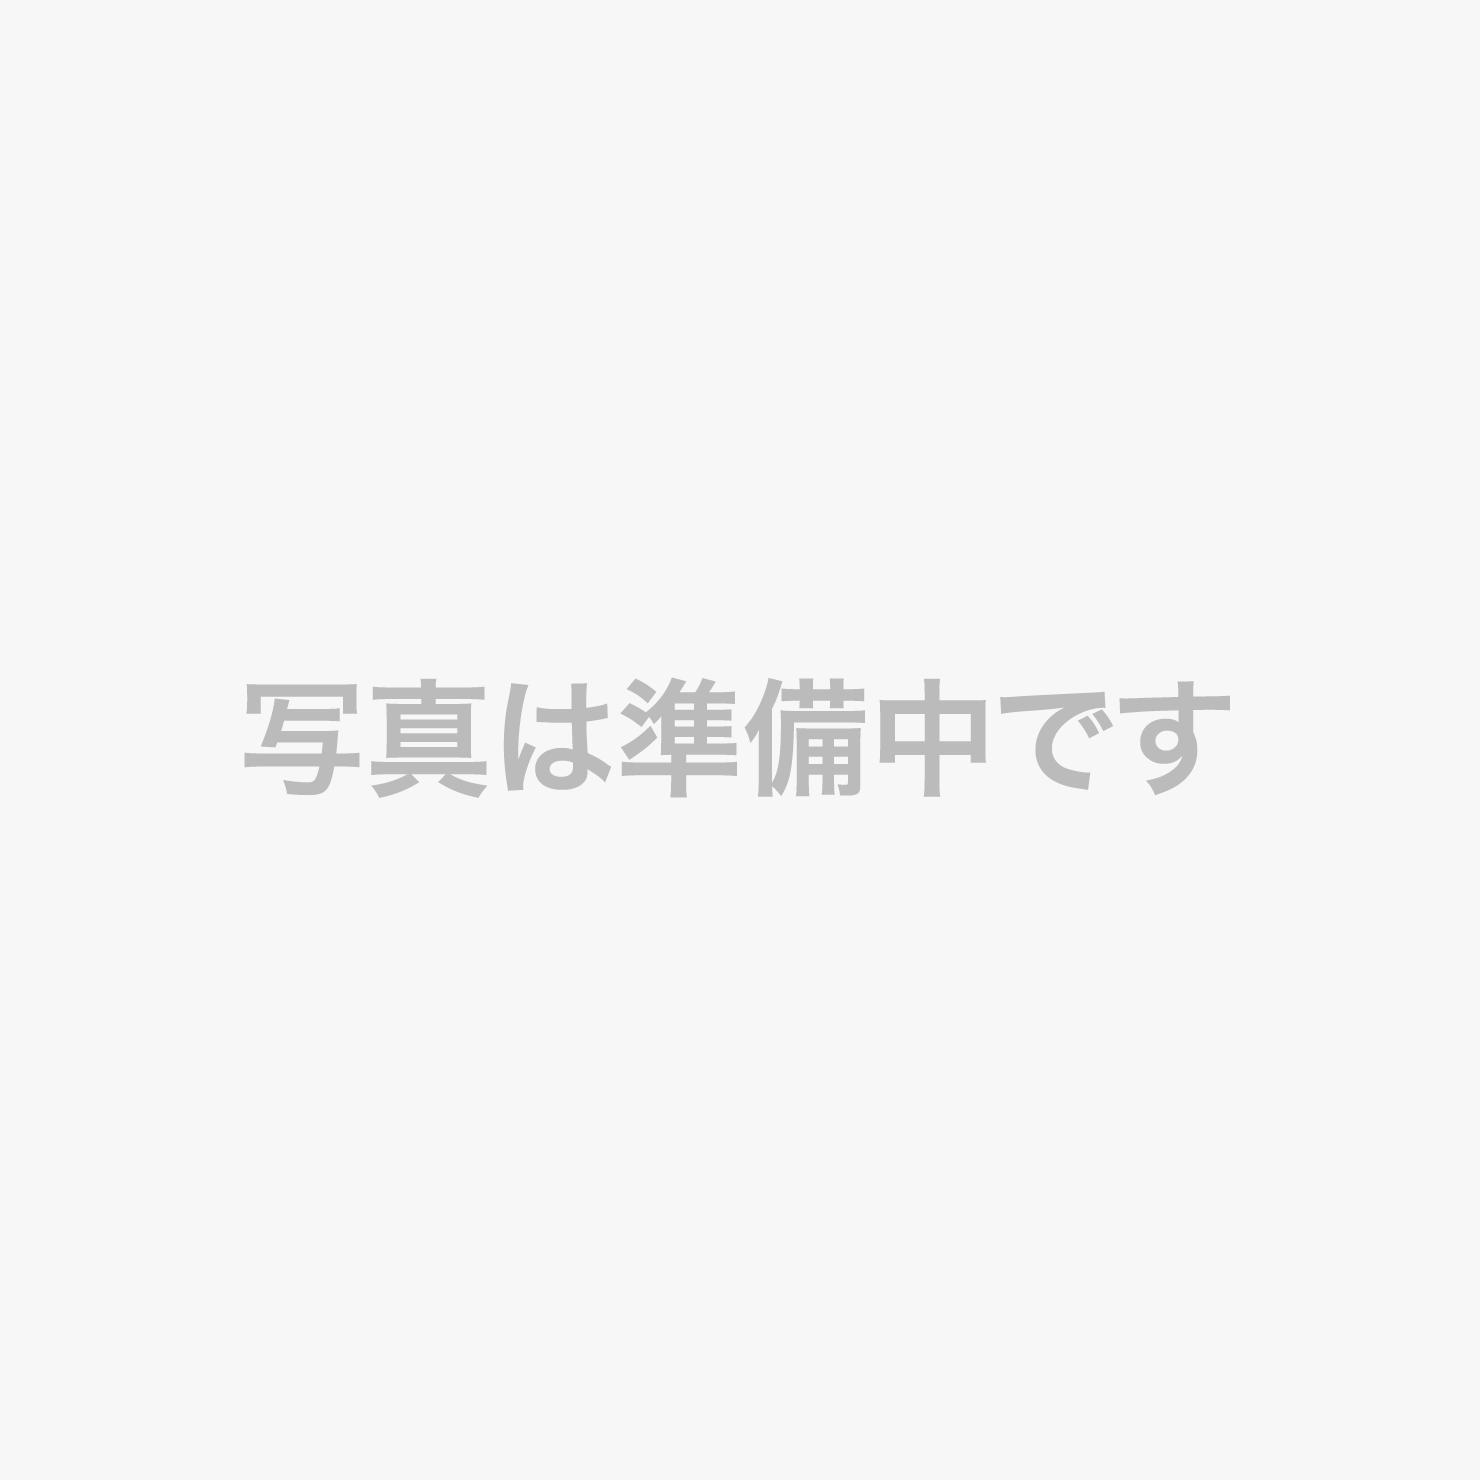 ◇開放感あふれるアトリウムロビー